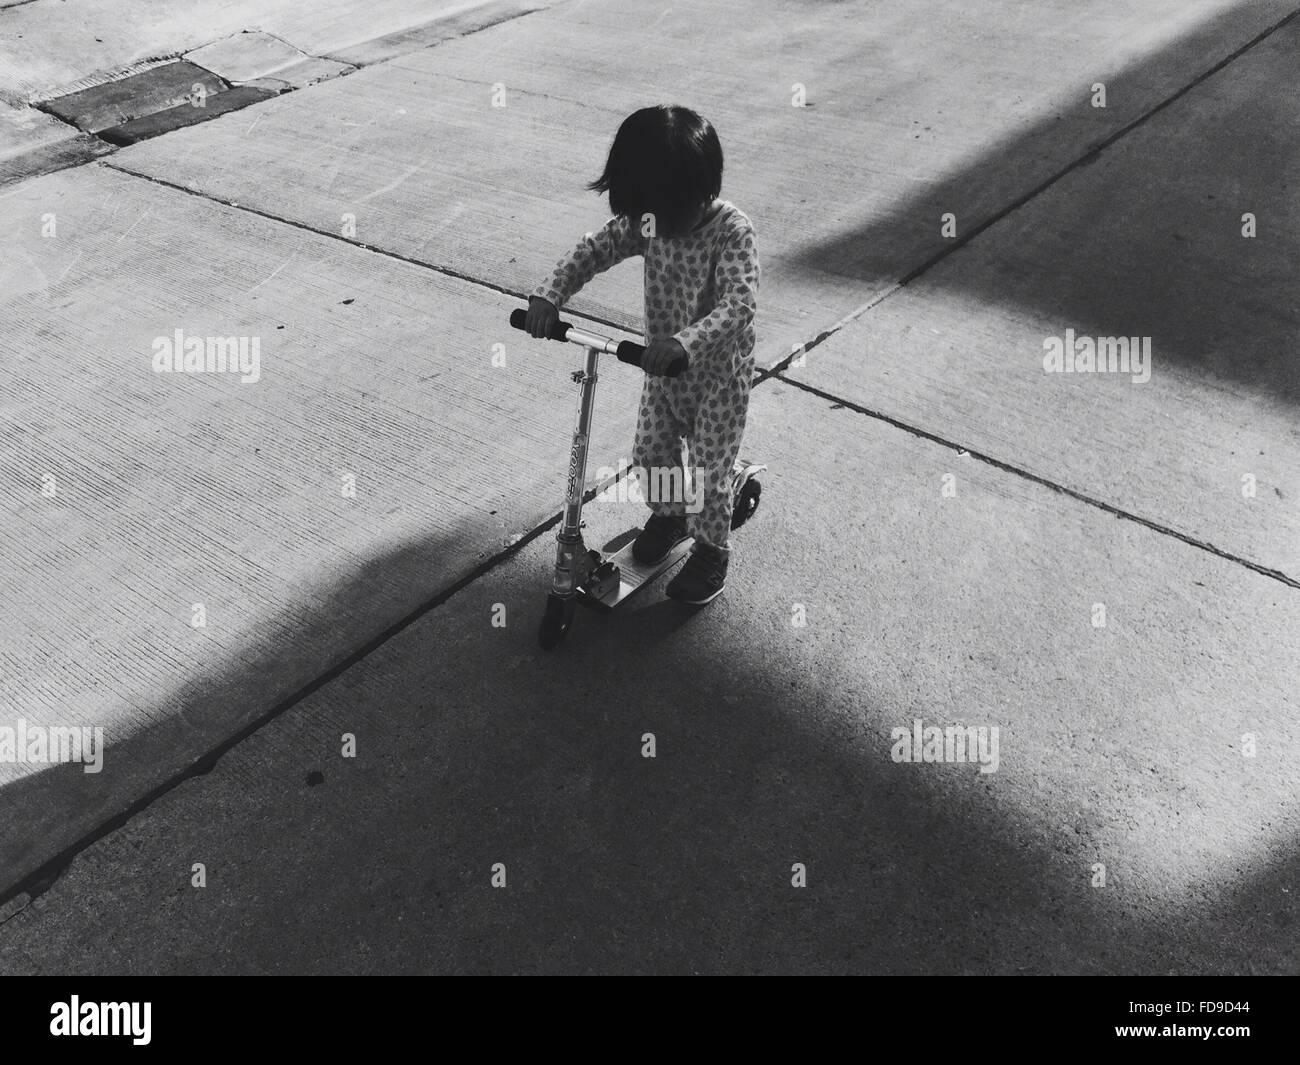 Portrait Of Boy Riding Scooter Push Banque D'Images